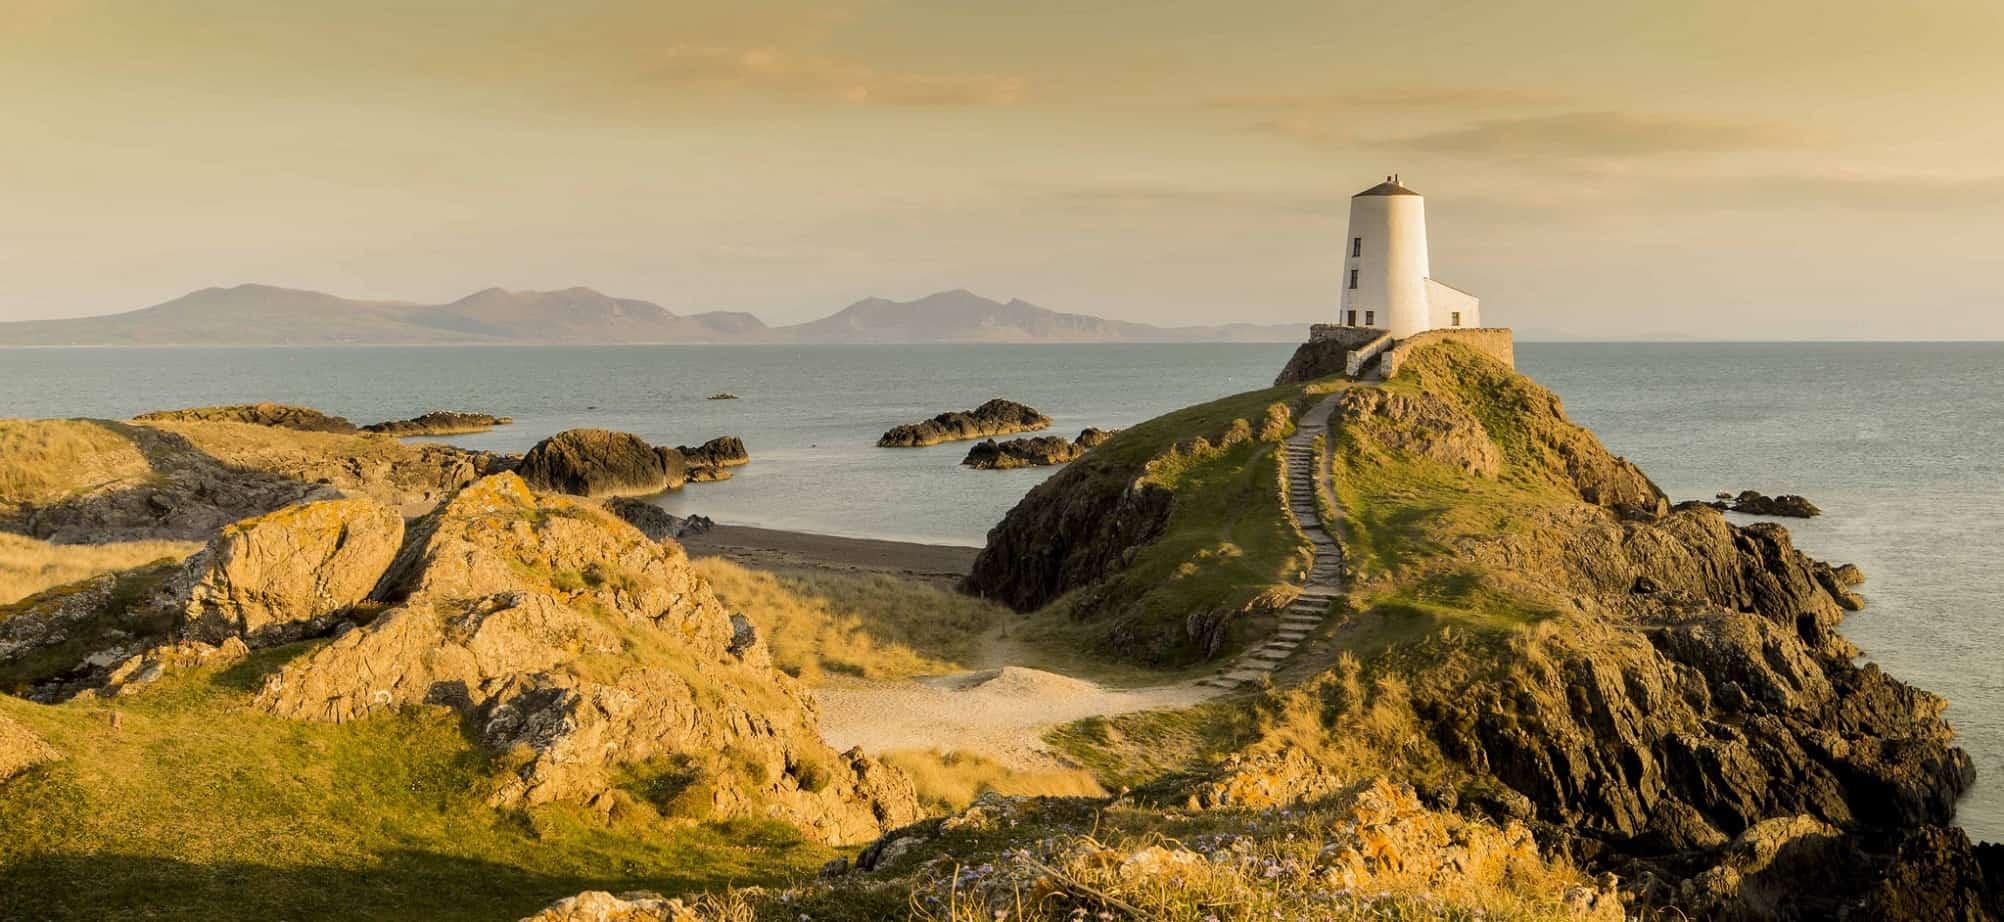 Ynys Llanddwyn 100 Favourite Walks Blog